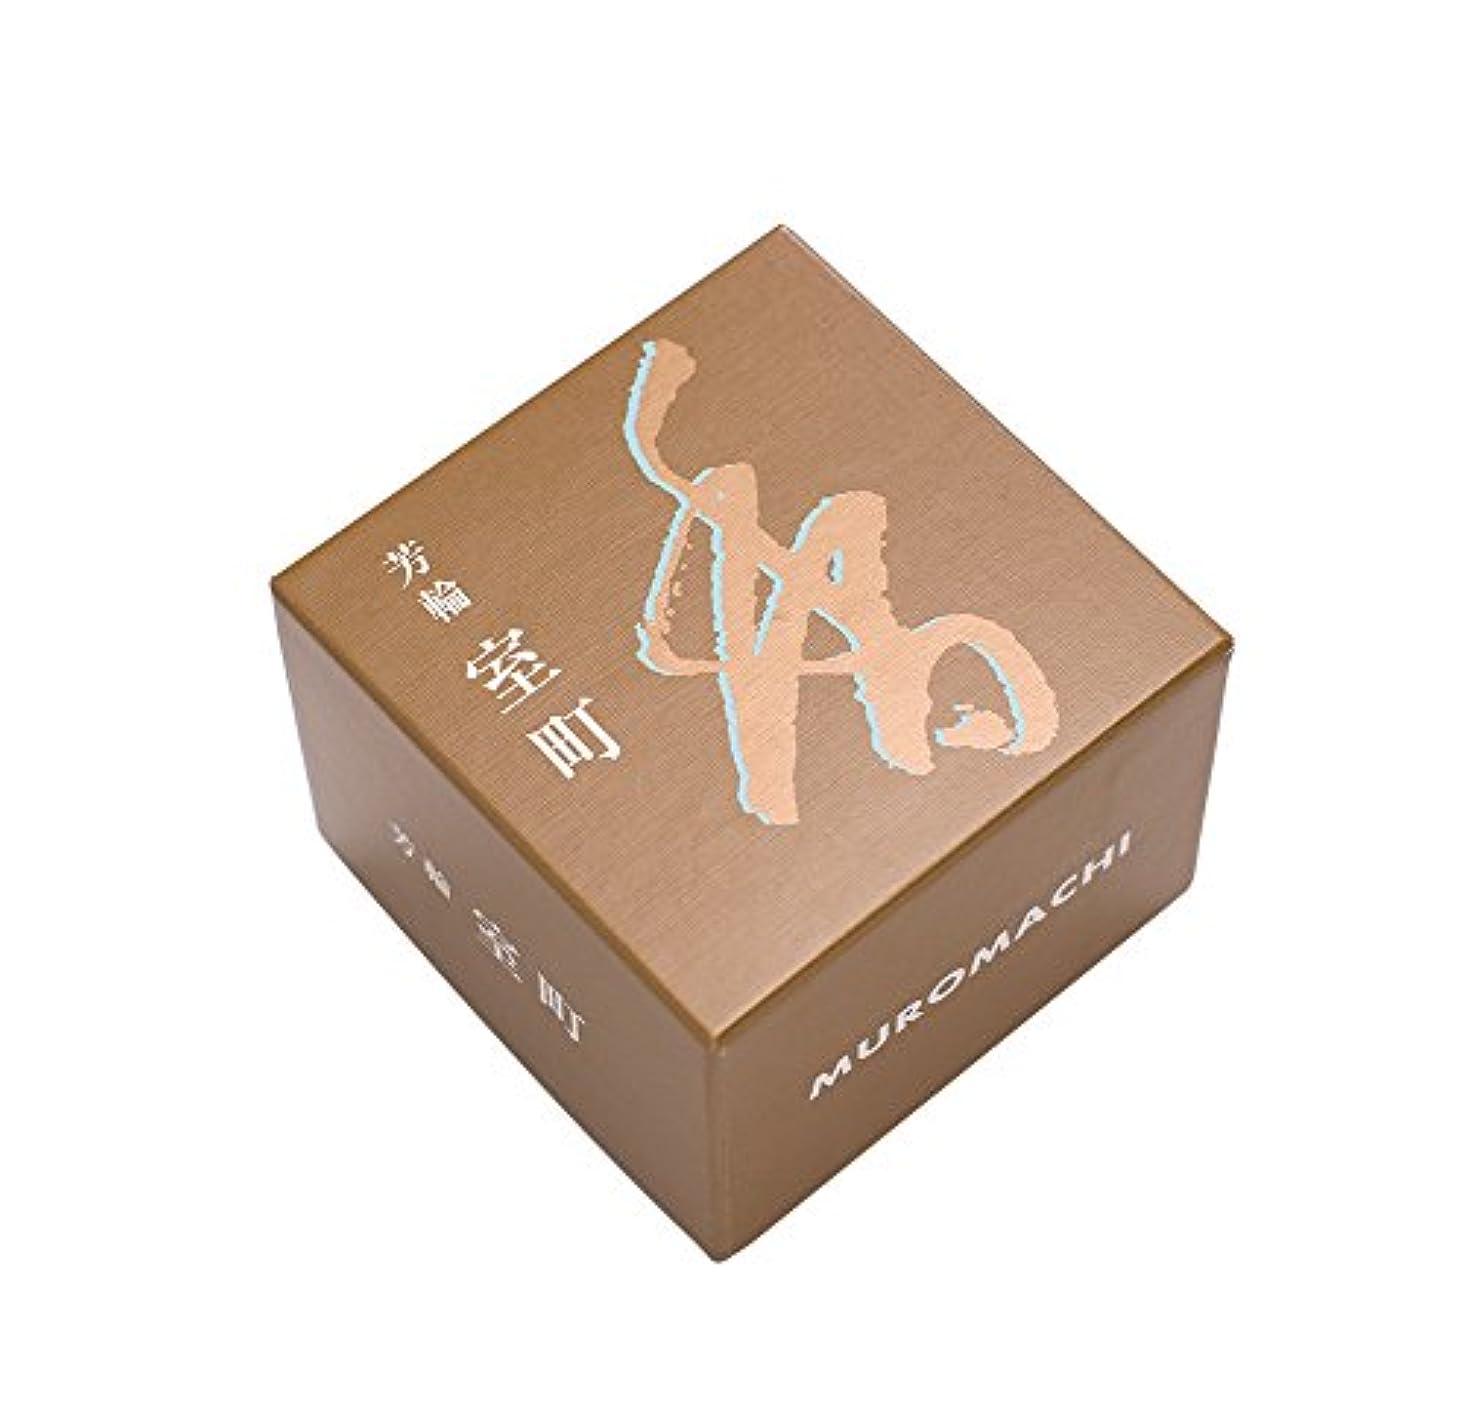 記録ポンプ増幅器松栄堂のお香 芳輪室町 渦巻型10枚入 うてな角型付 #210421